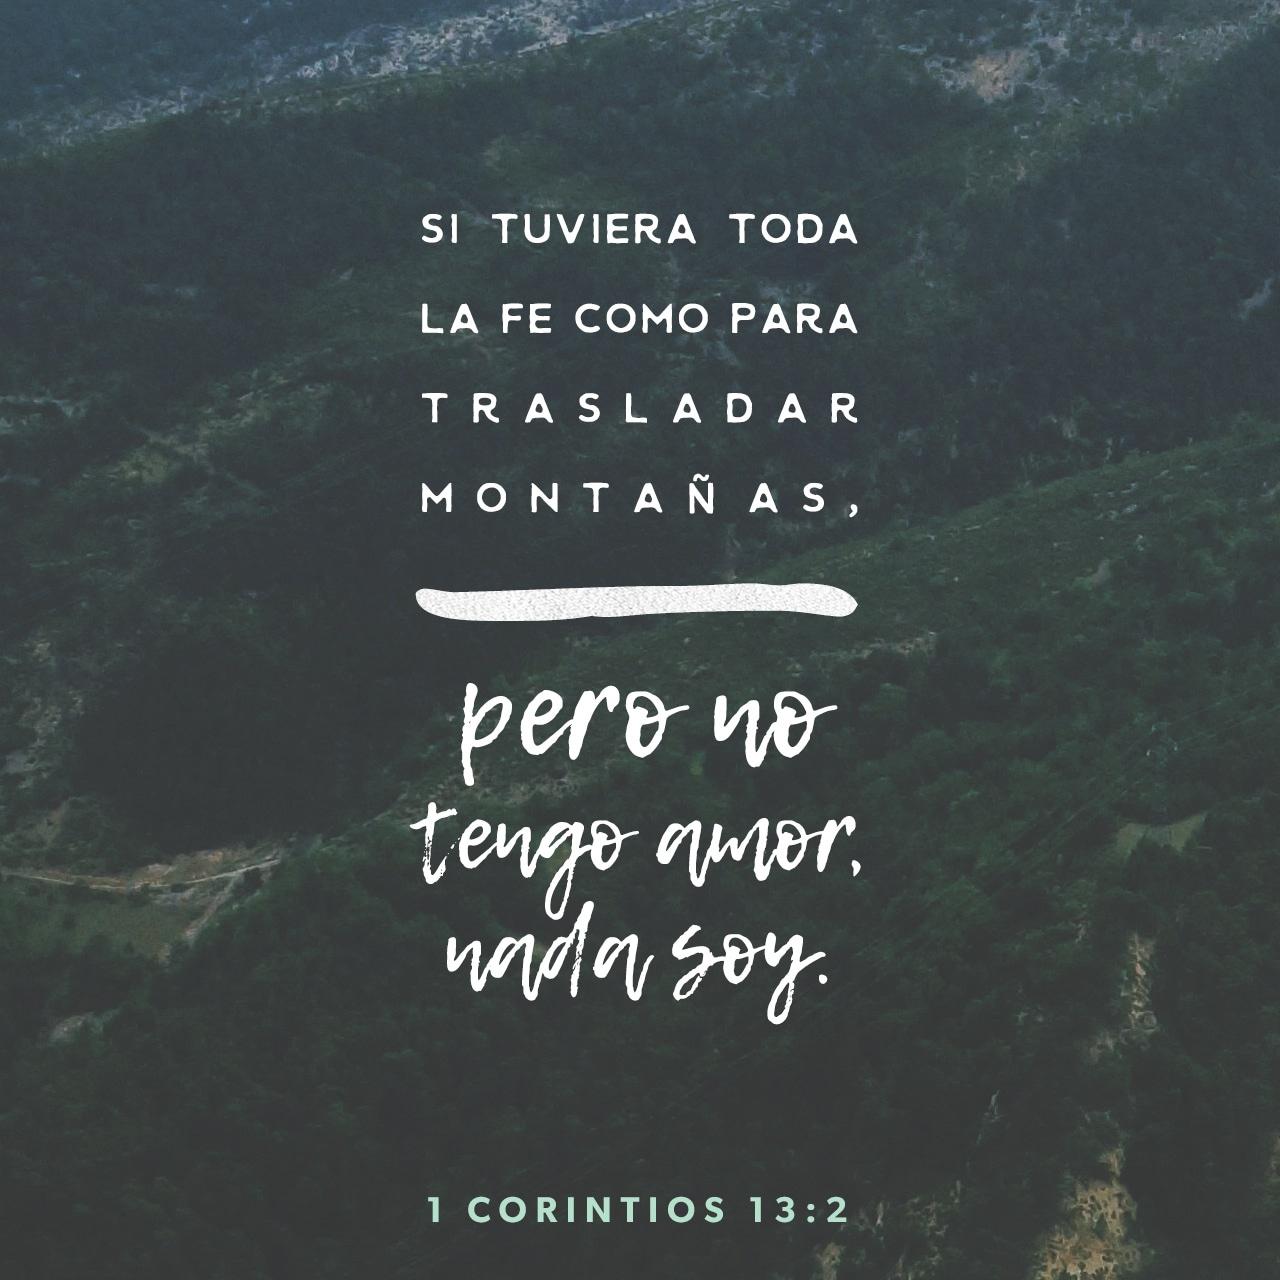 1 Corintios 13:2